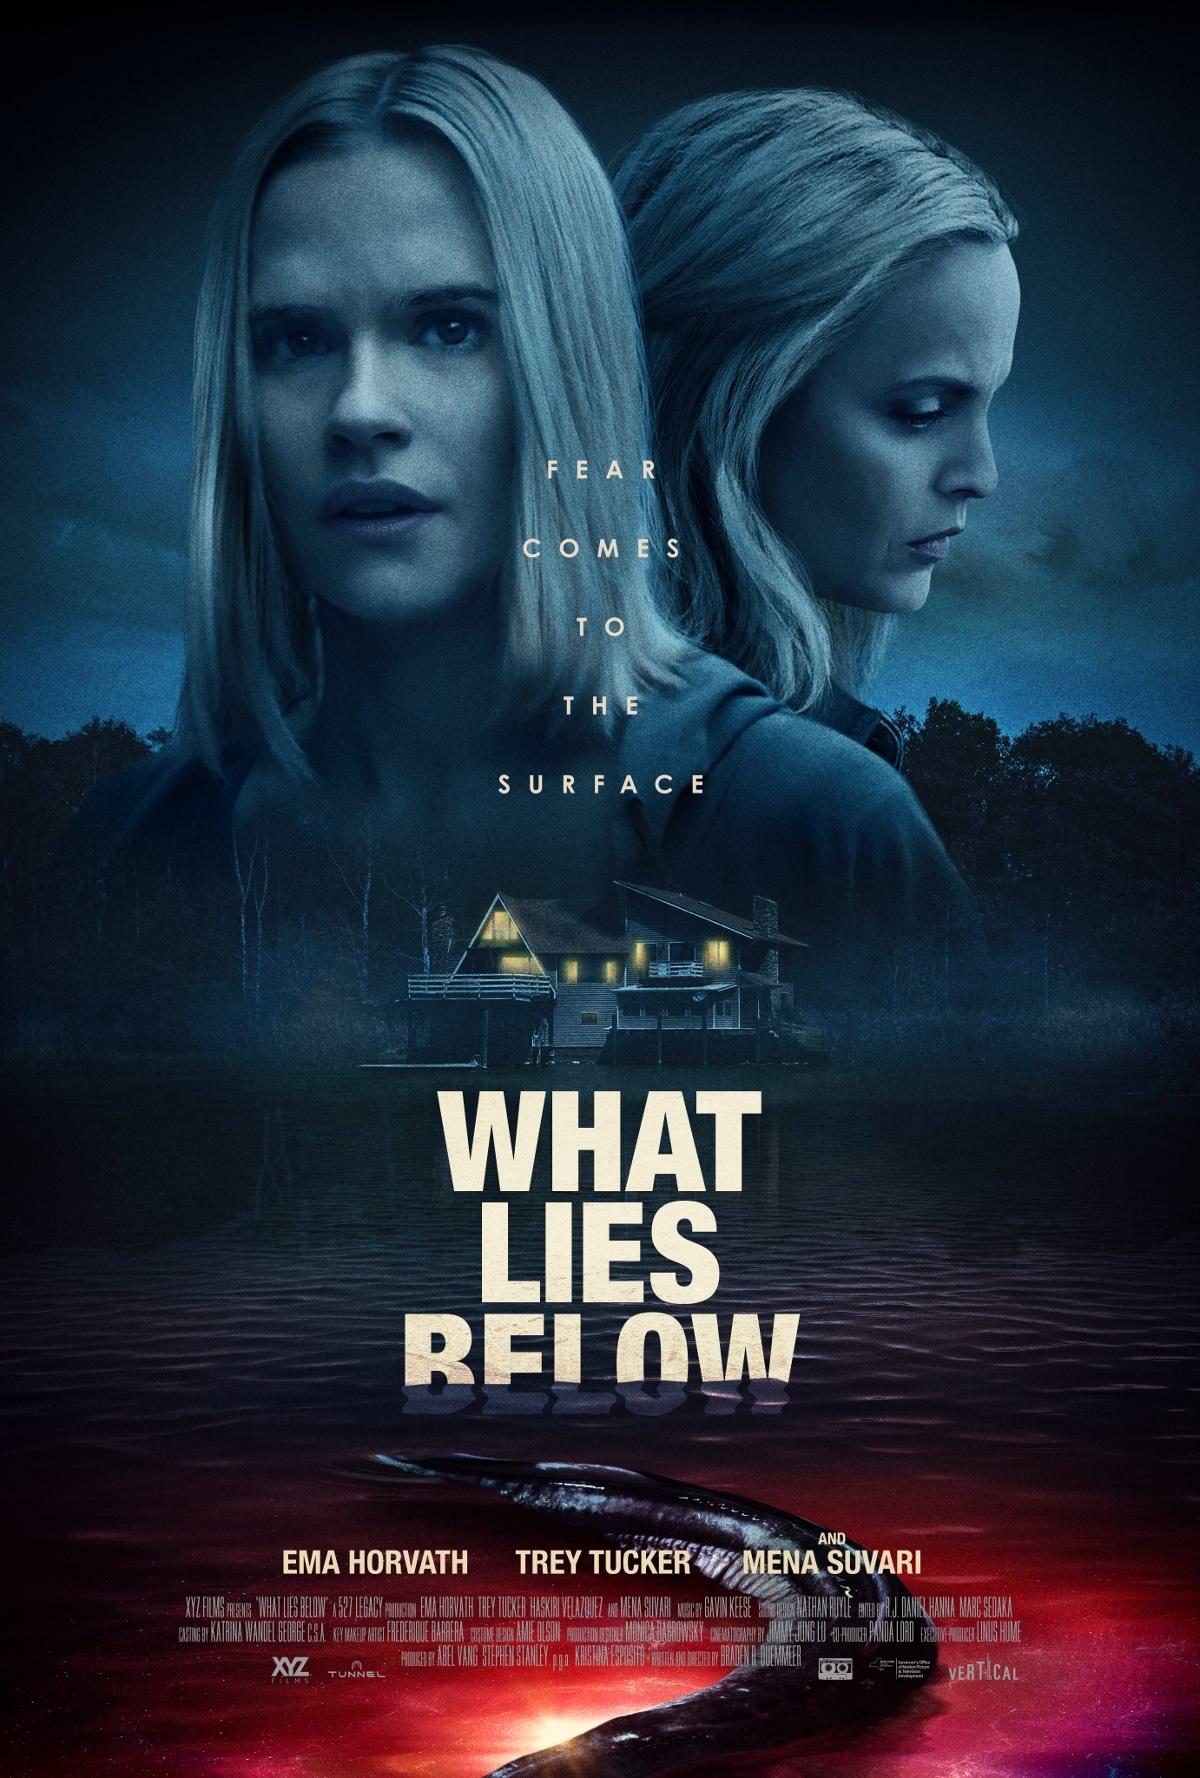 what lies below diretor explica final do filme de terror de sucesso no catalogo da netflix - What Lies Below | Diretor explica final do filme de terror de sucesso no catálogo da Netflix